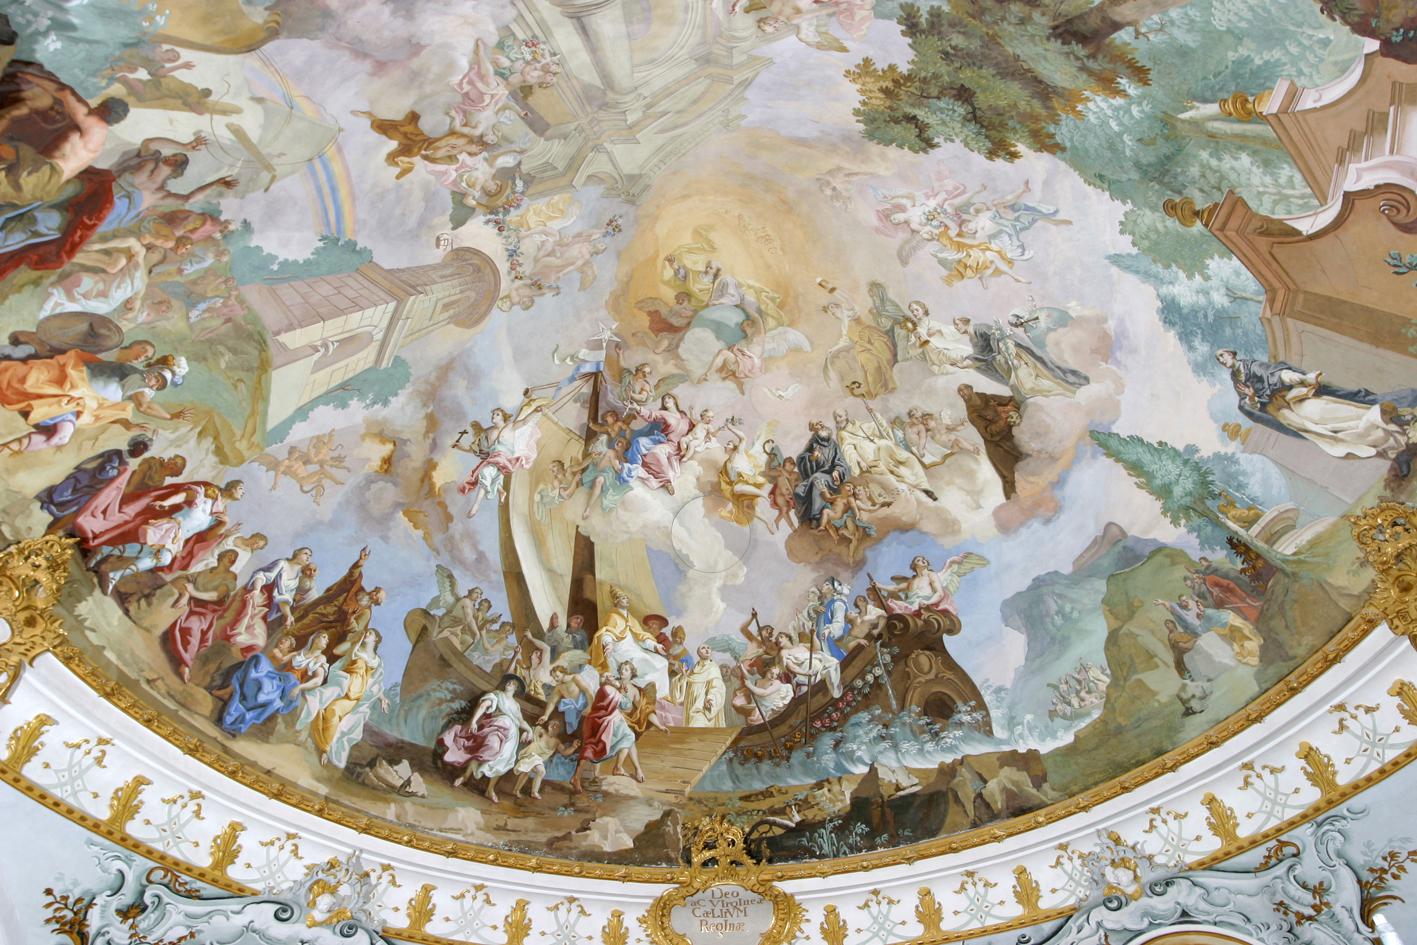 2021 06 07 aoelfb wallfahrtskirche marienberg4